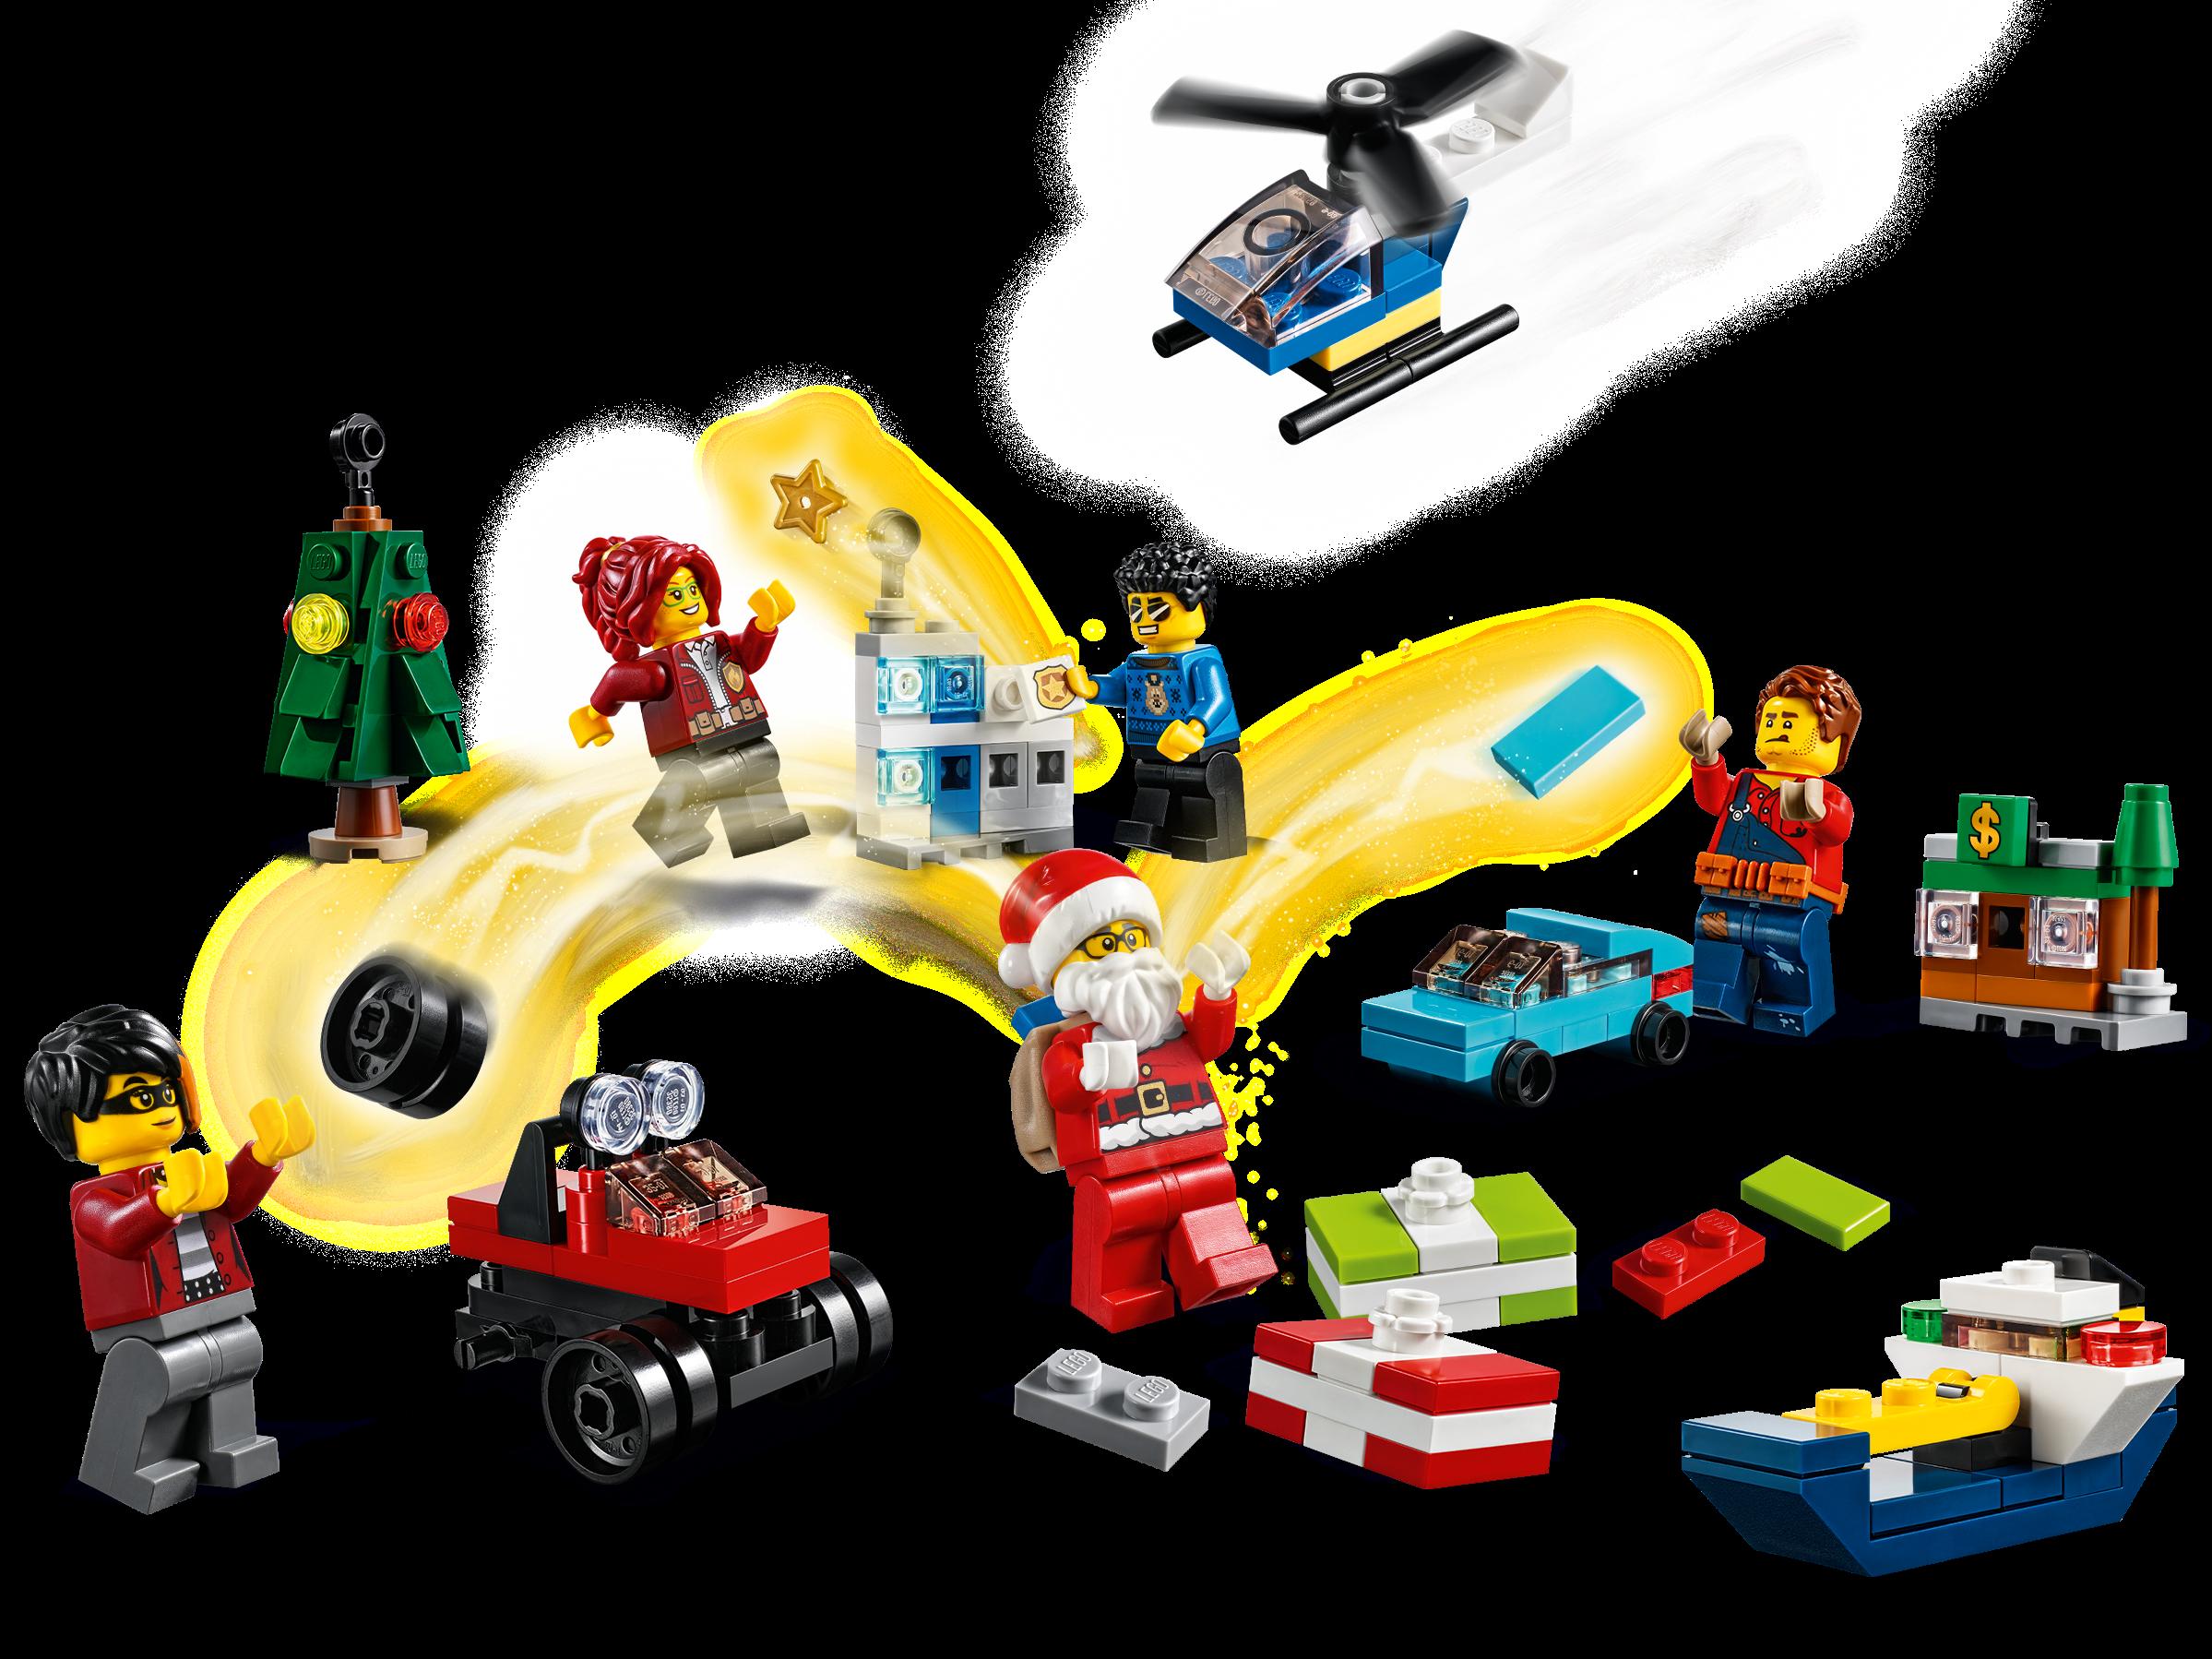 60268 LEGO City Town: LEGO City Advent Calendar 2020 Christmas,Calander New